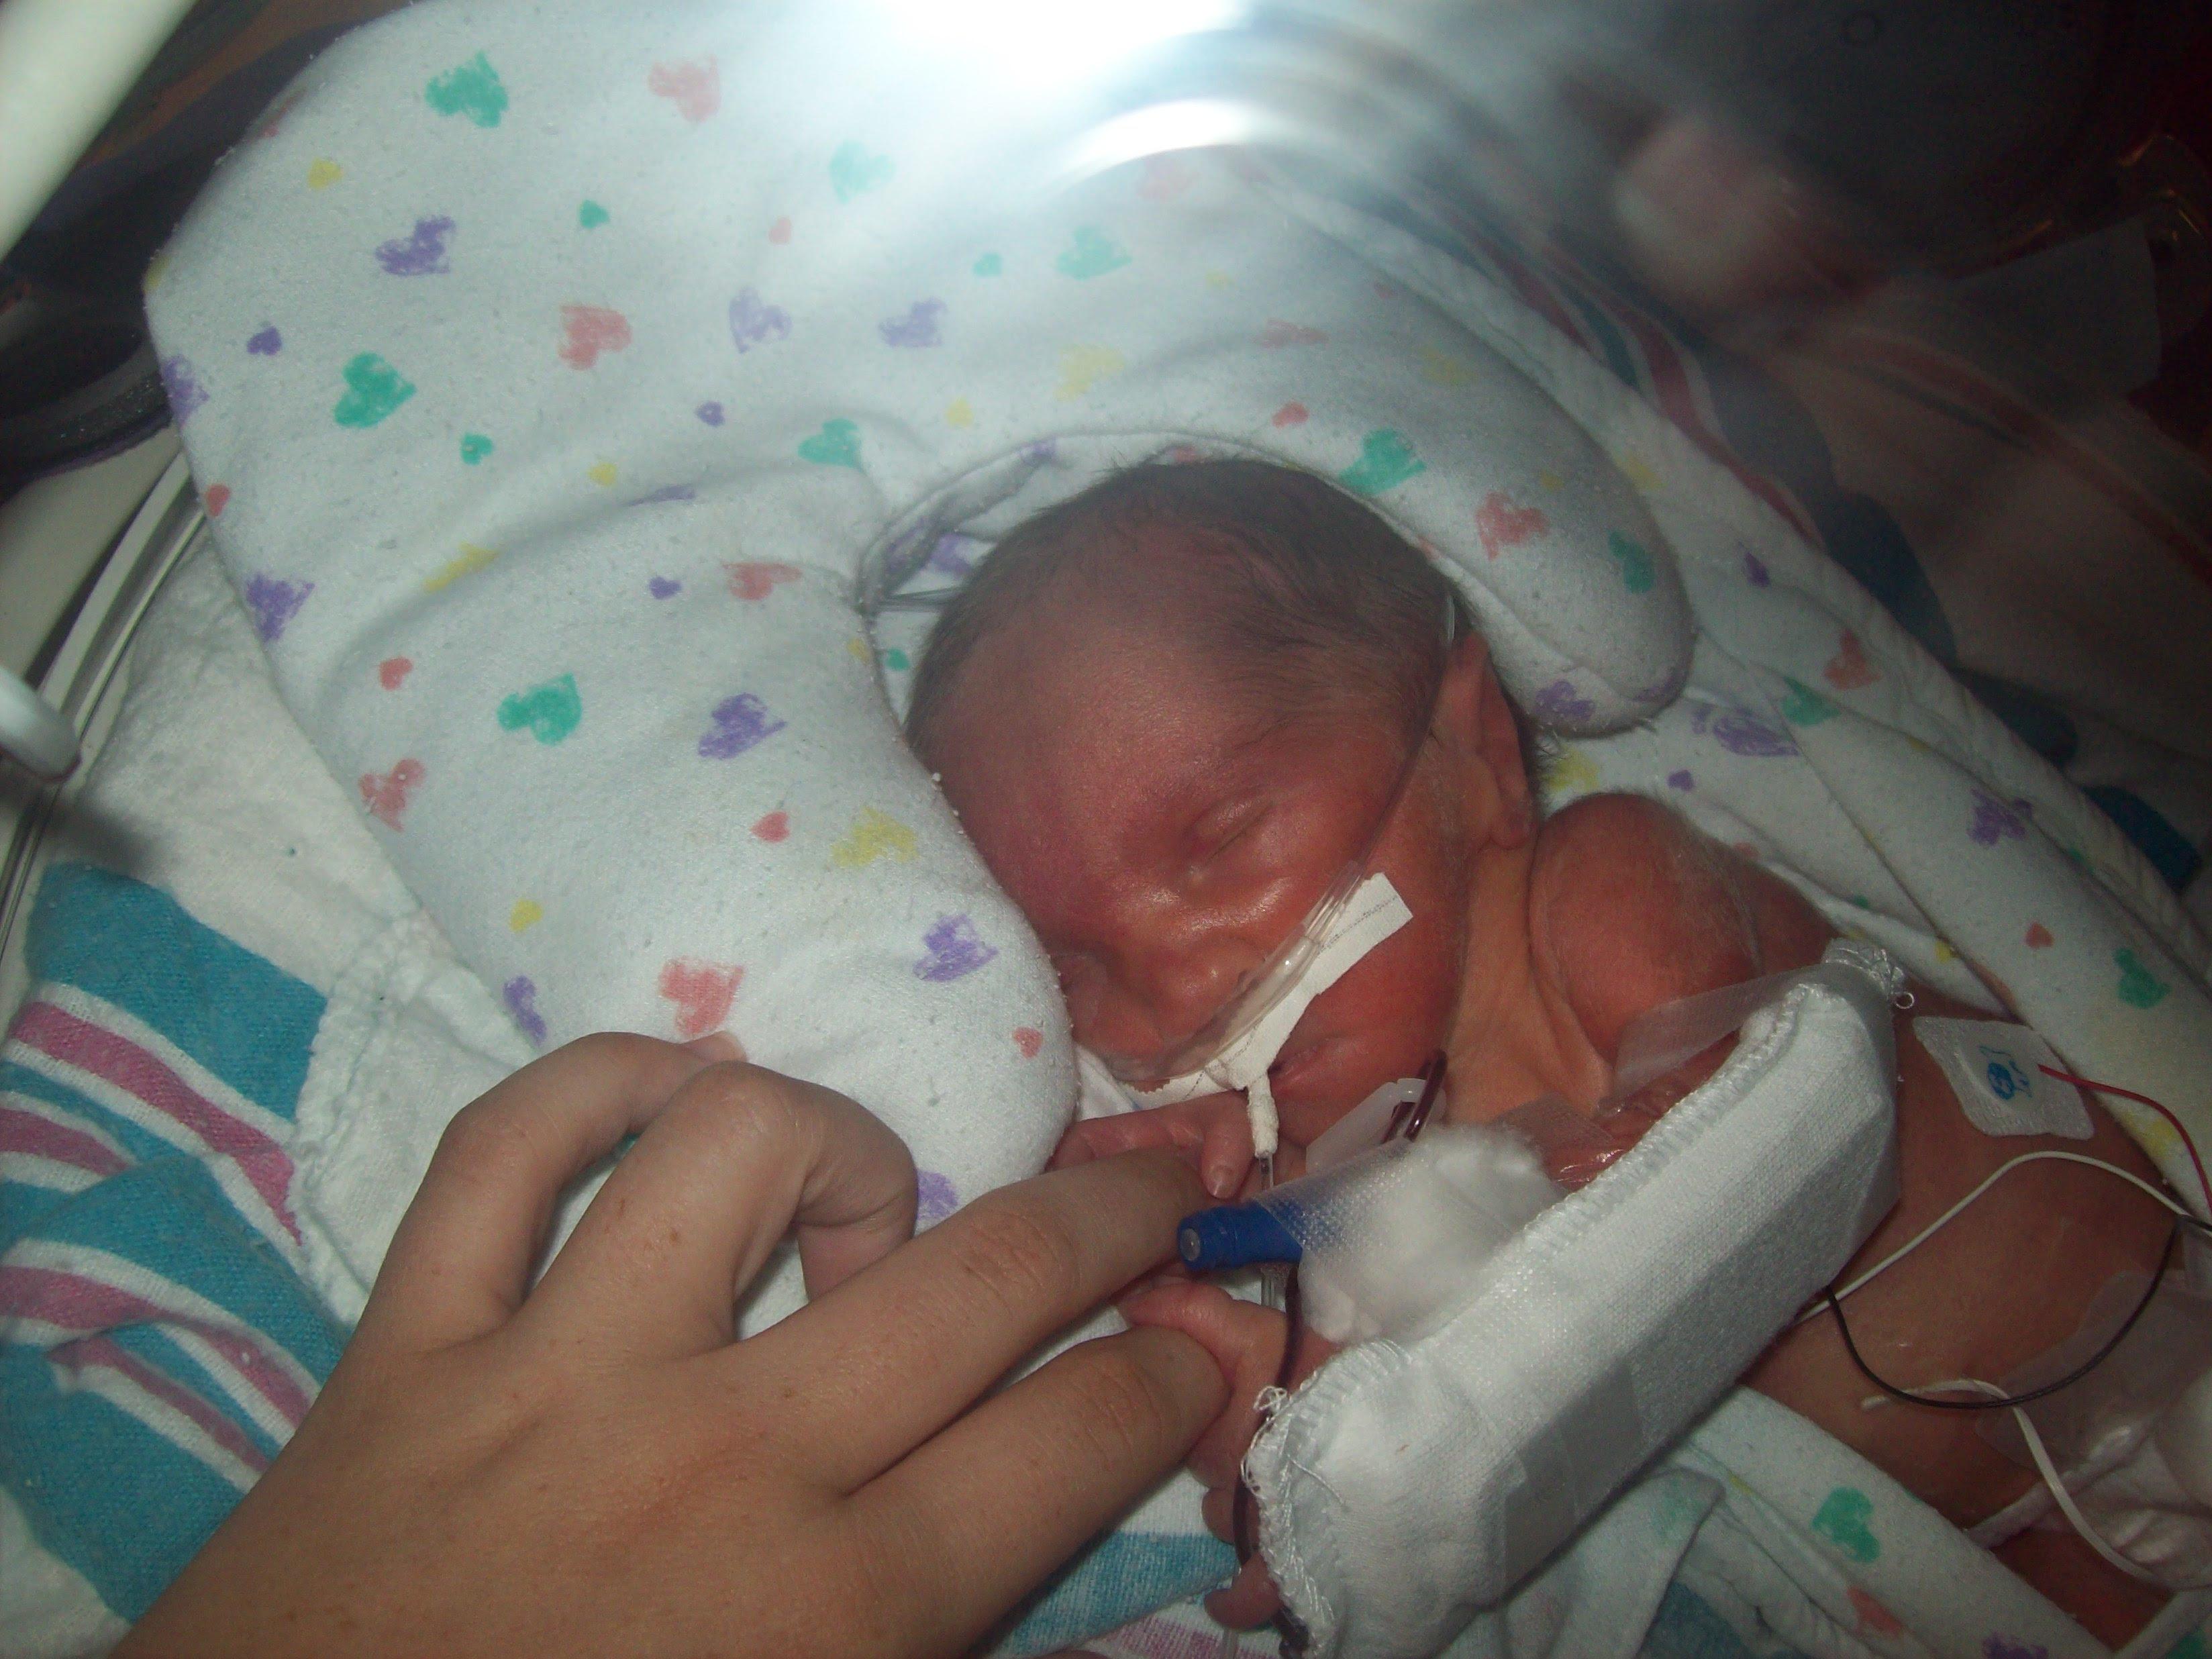 Premature Baby Of 7 Months - Newborn baby